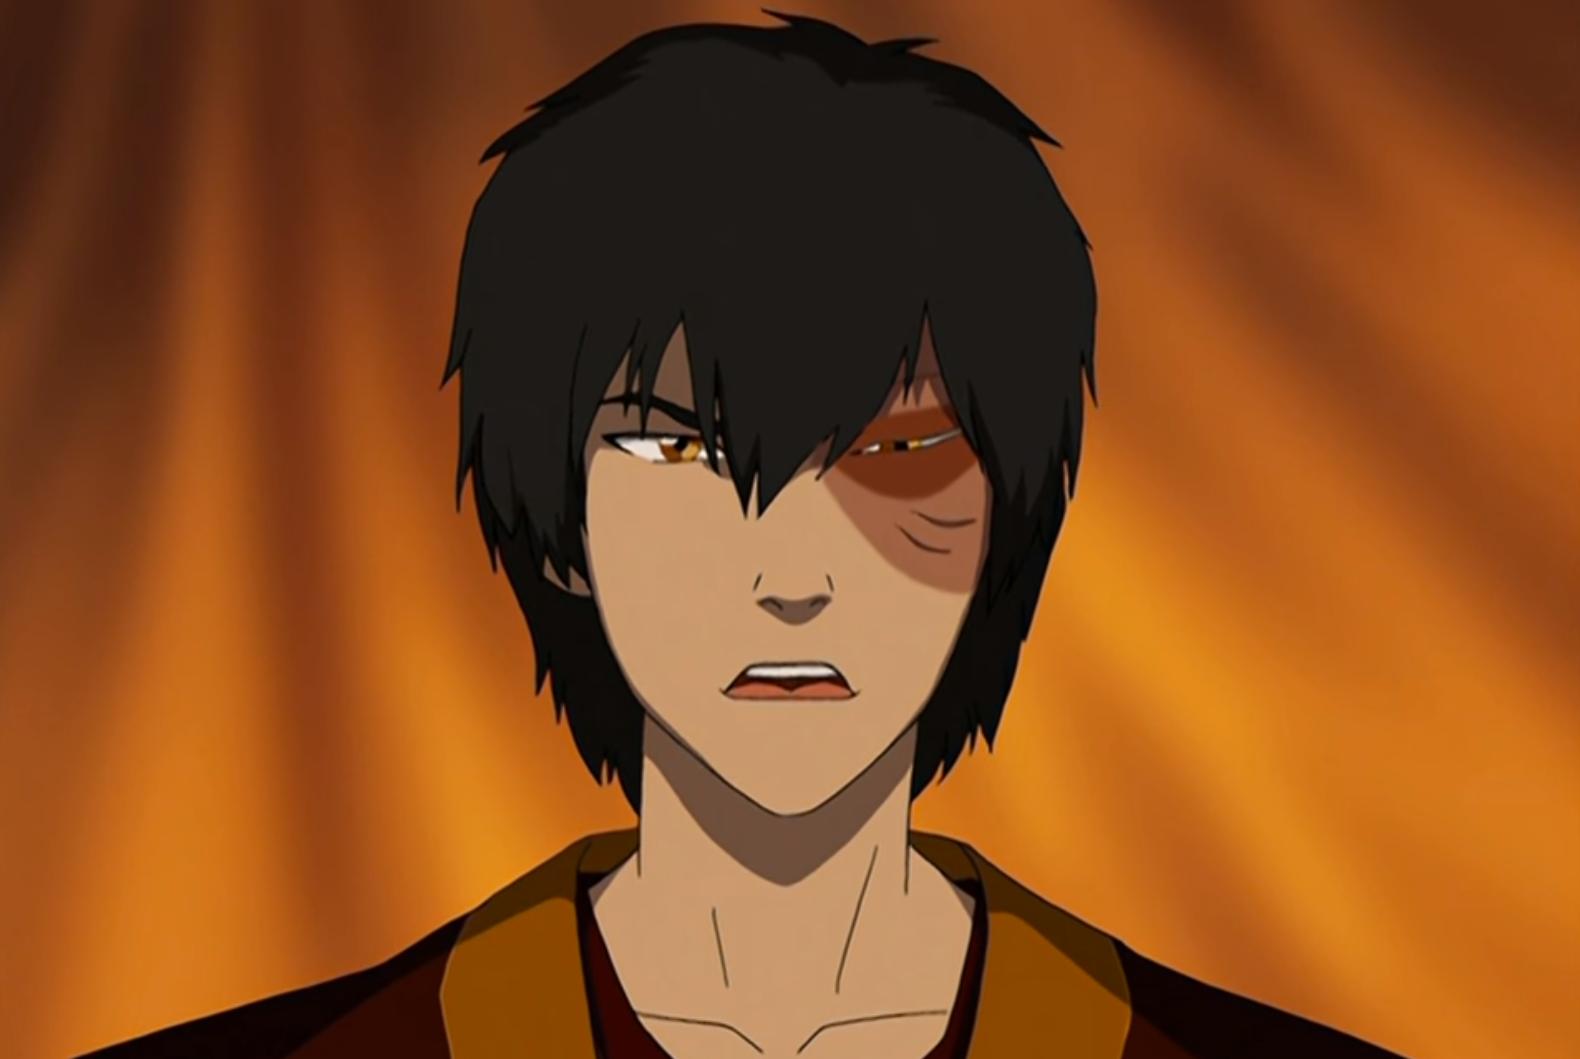 zuko looking angry avatar